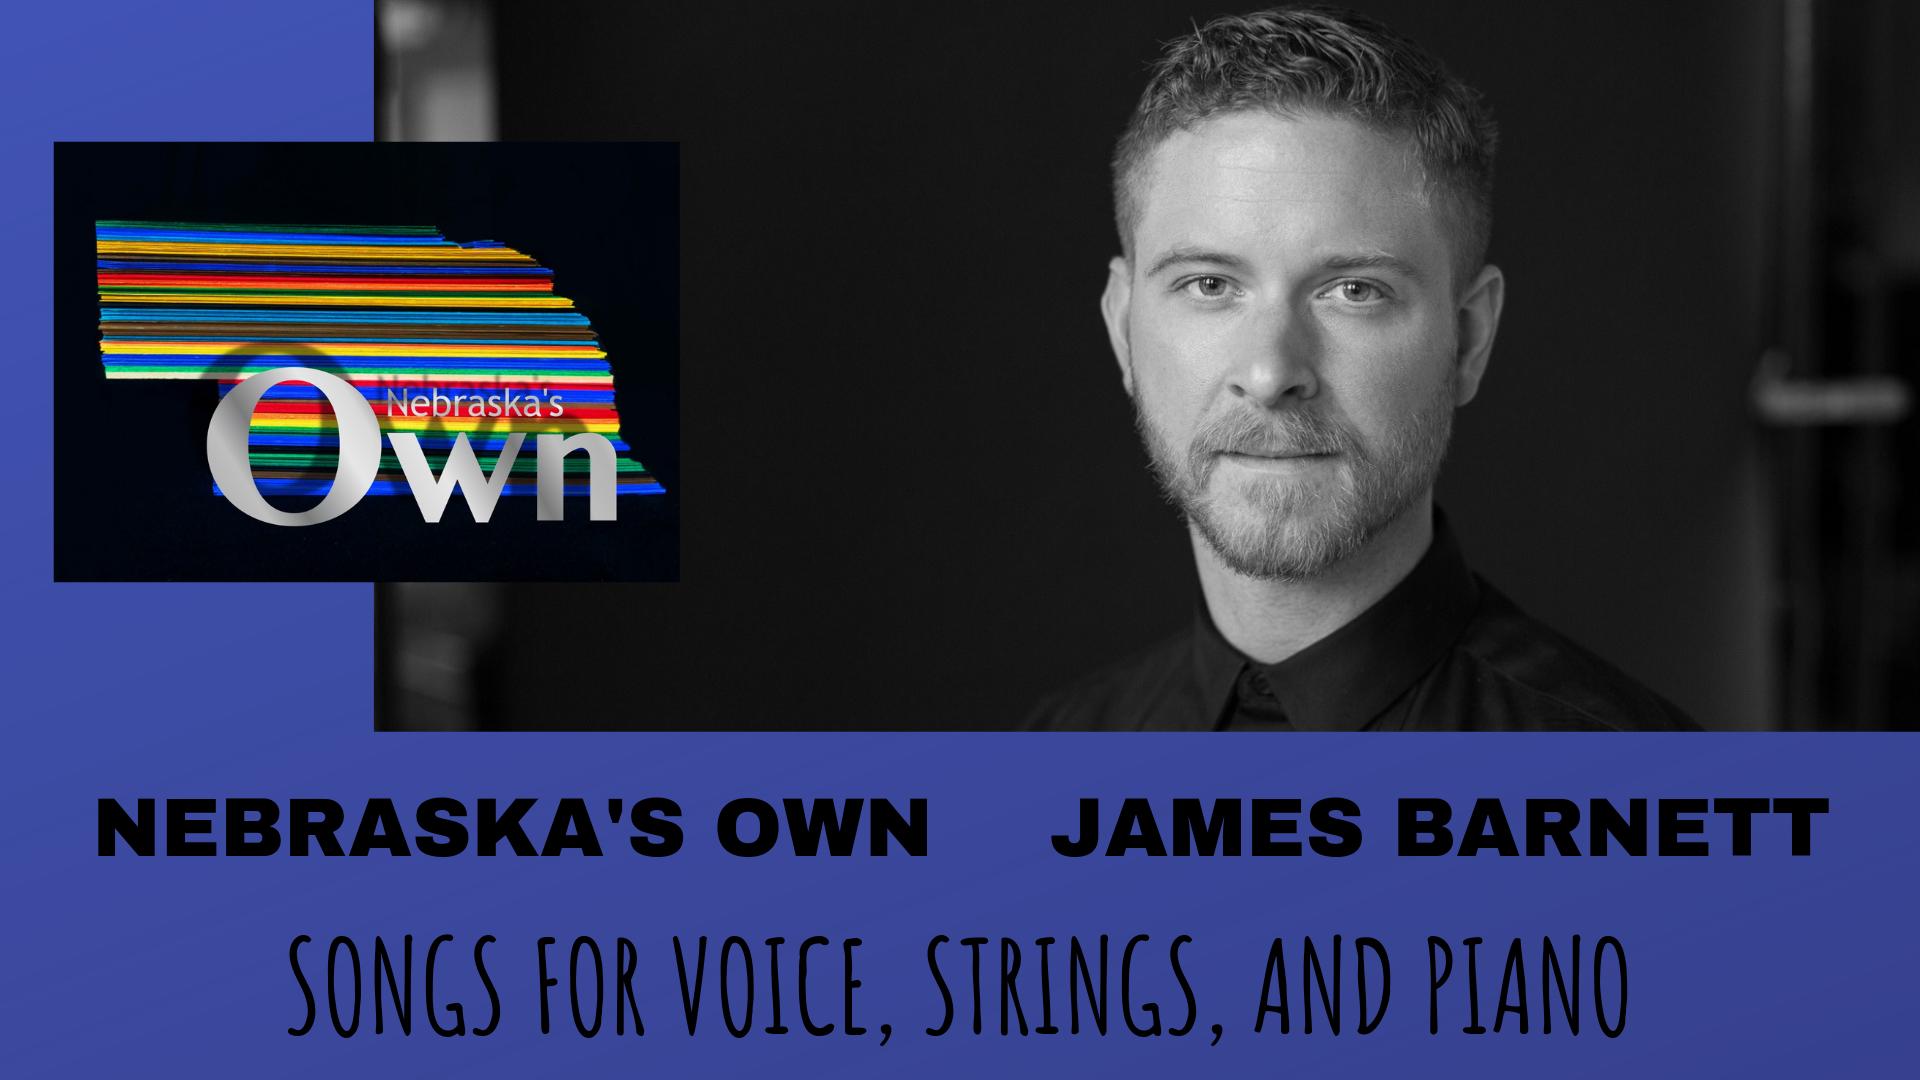 Nebraska's Own James Barnett